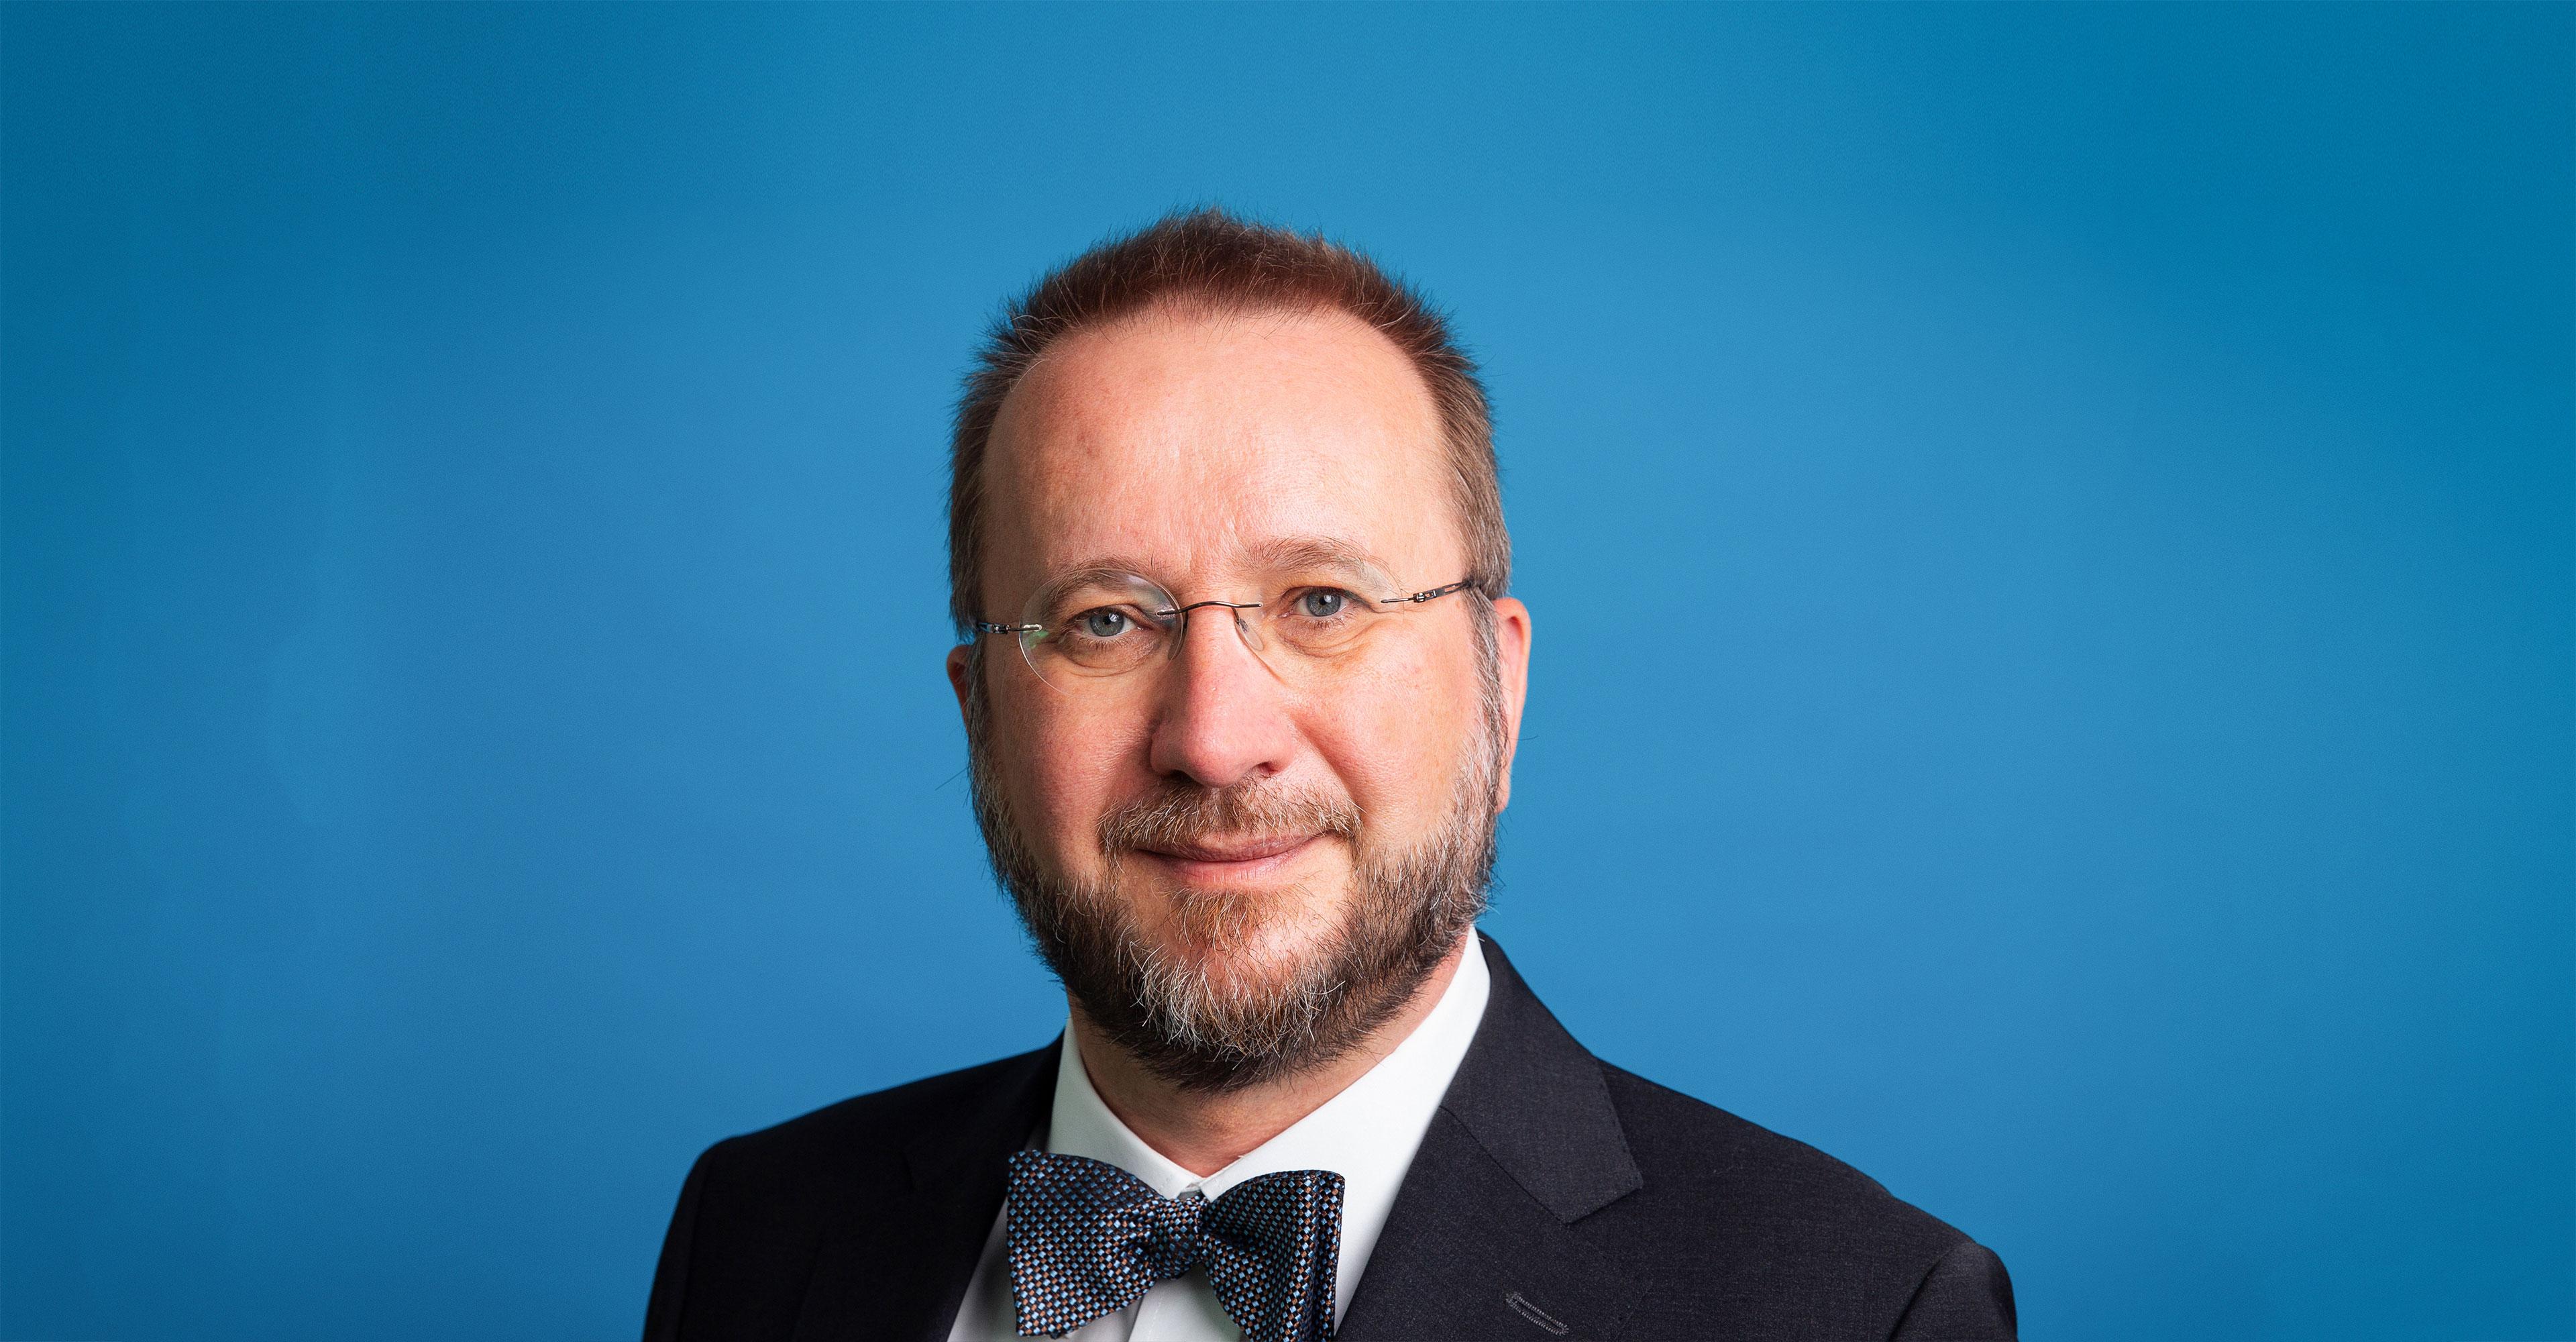 Rechtsanwalt Steuerberater Alexander Pupeter